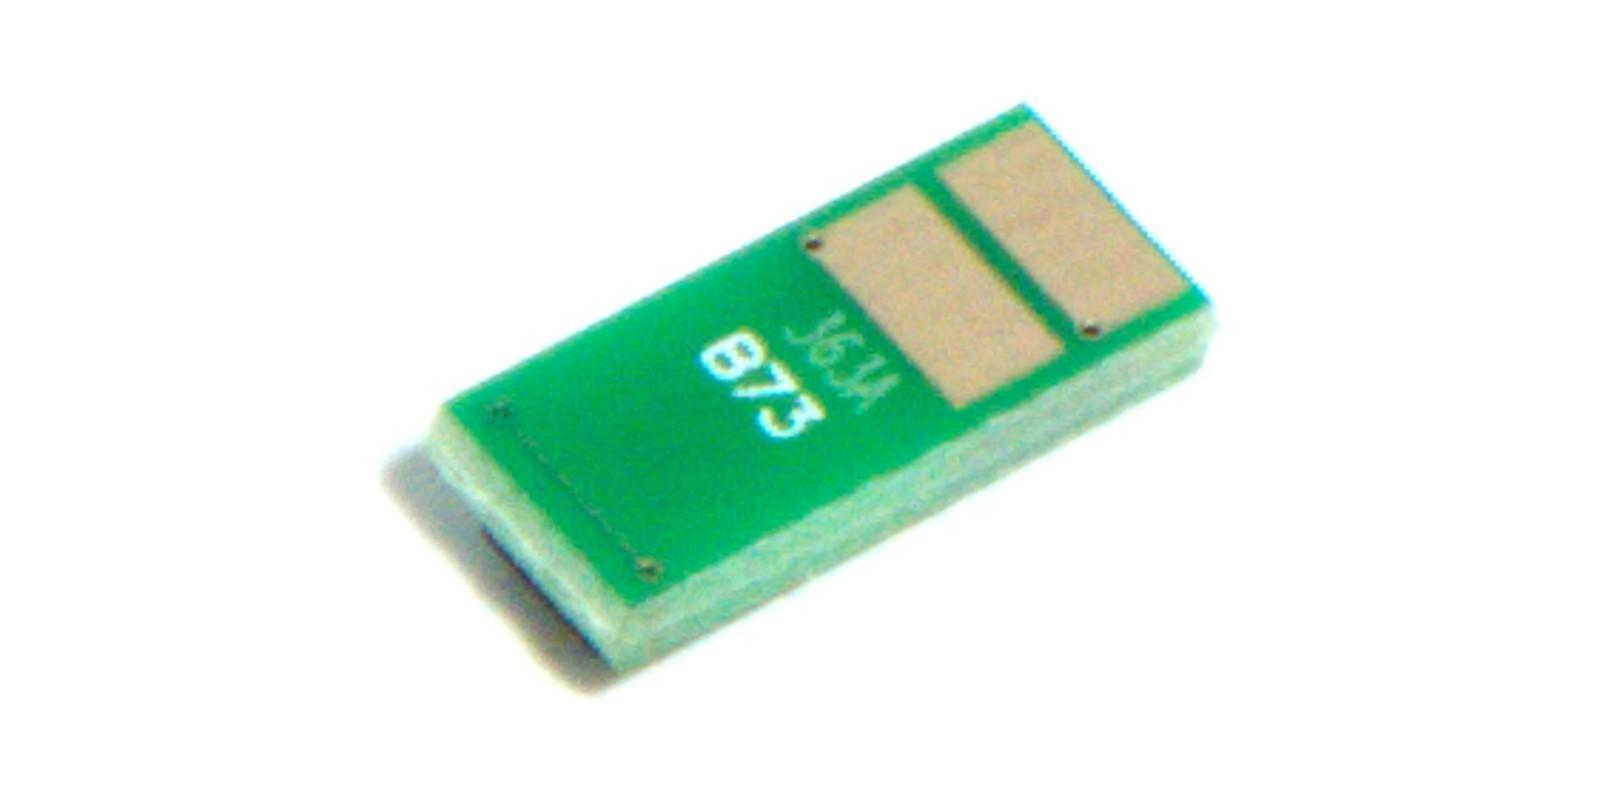 Чип (CHIP) MAK© 508A CF360A черный (black), до 6000 стр. Скидка 5% при покупке полного комплекта из 4 цветов Производство APEX.